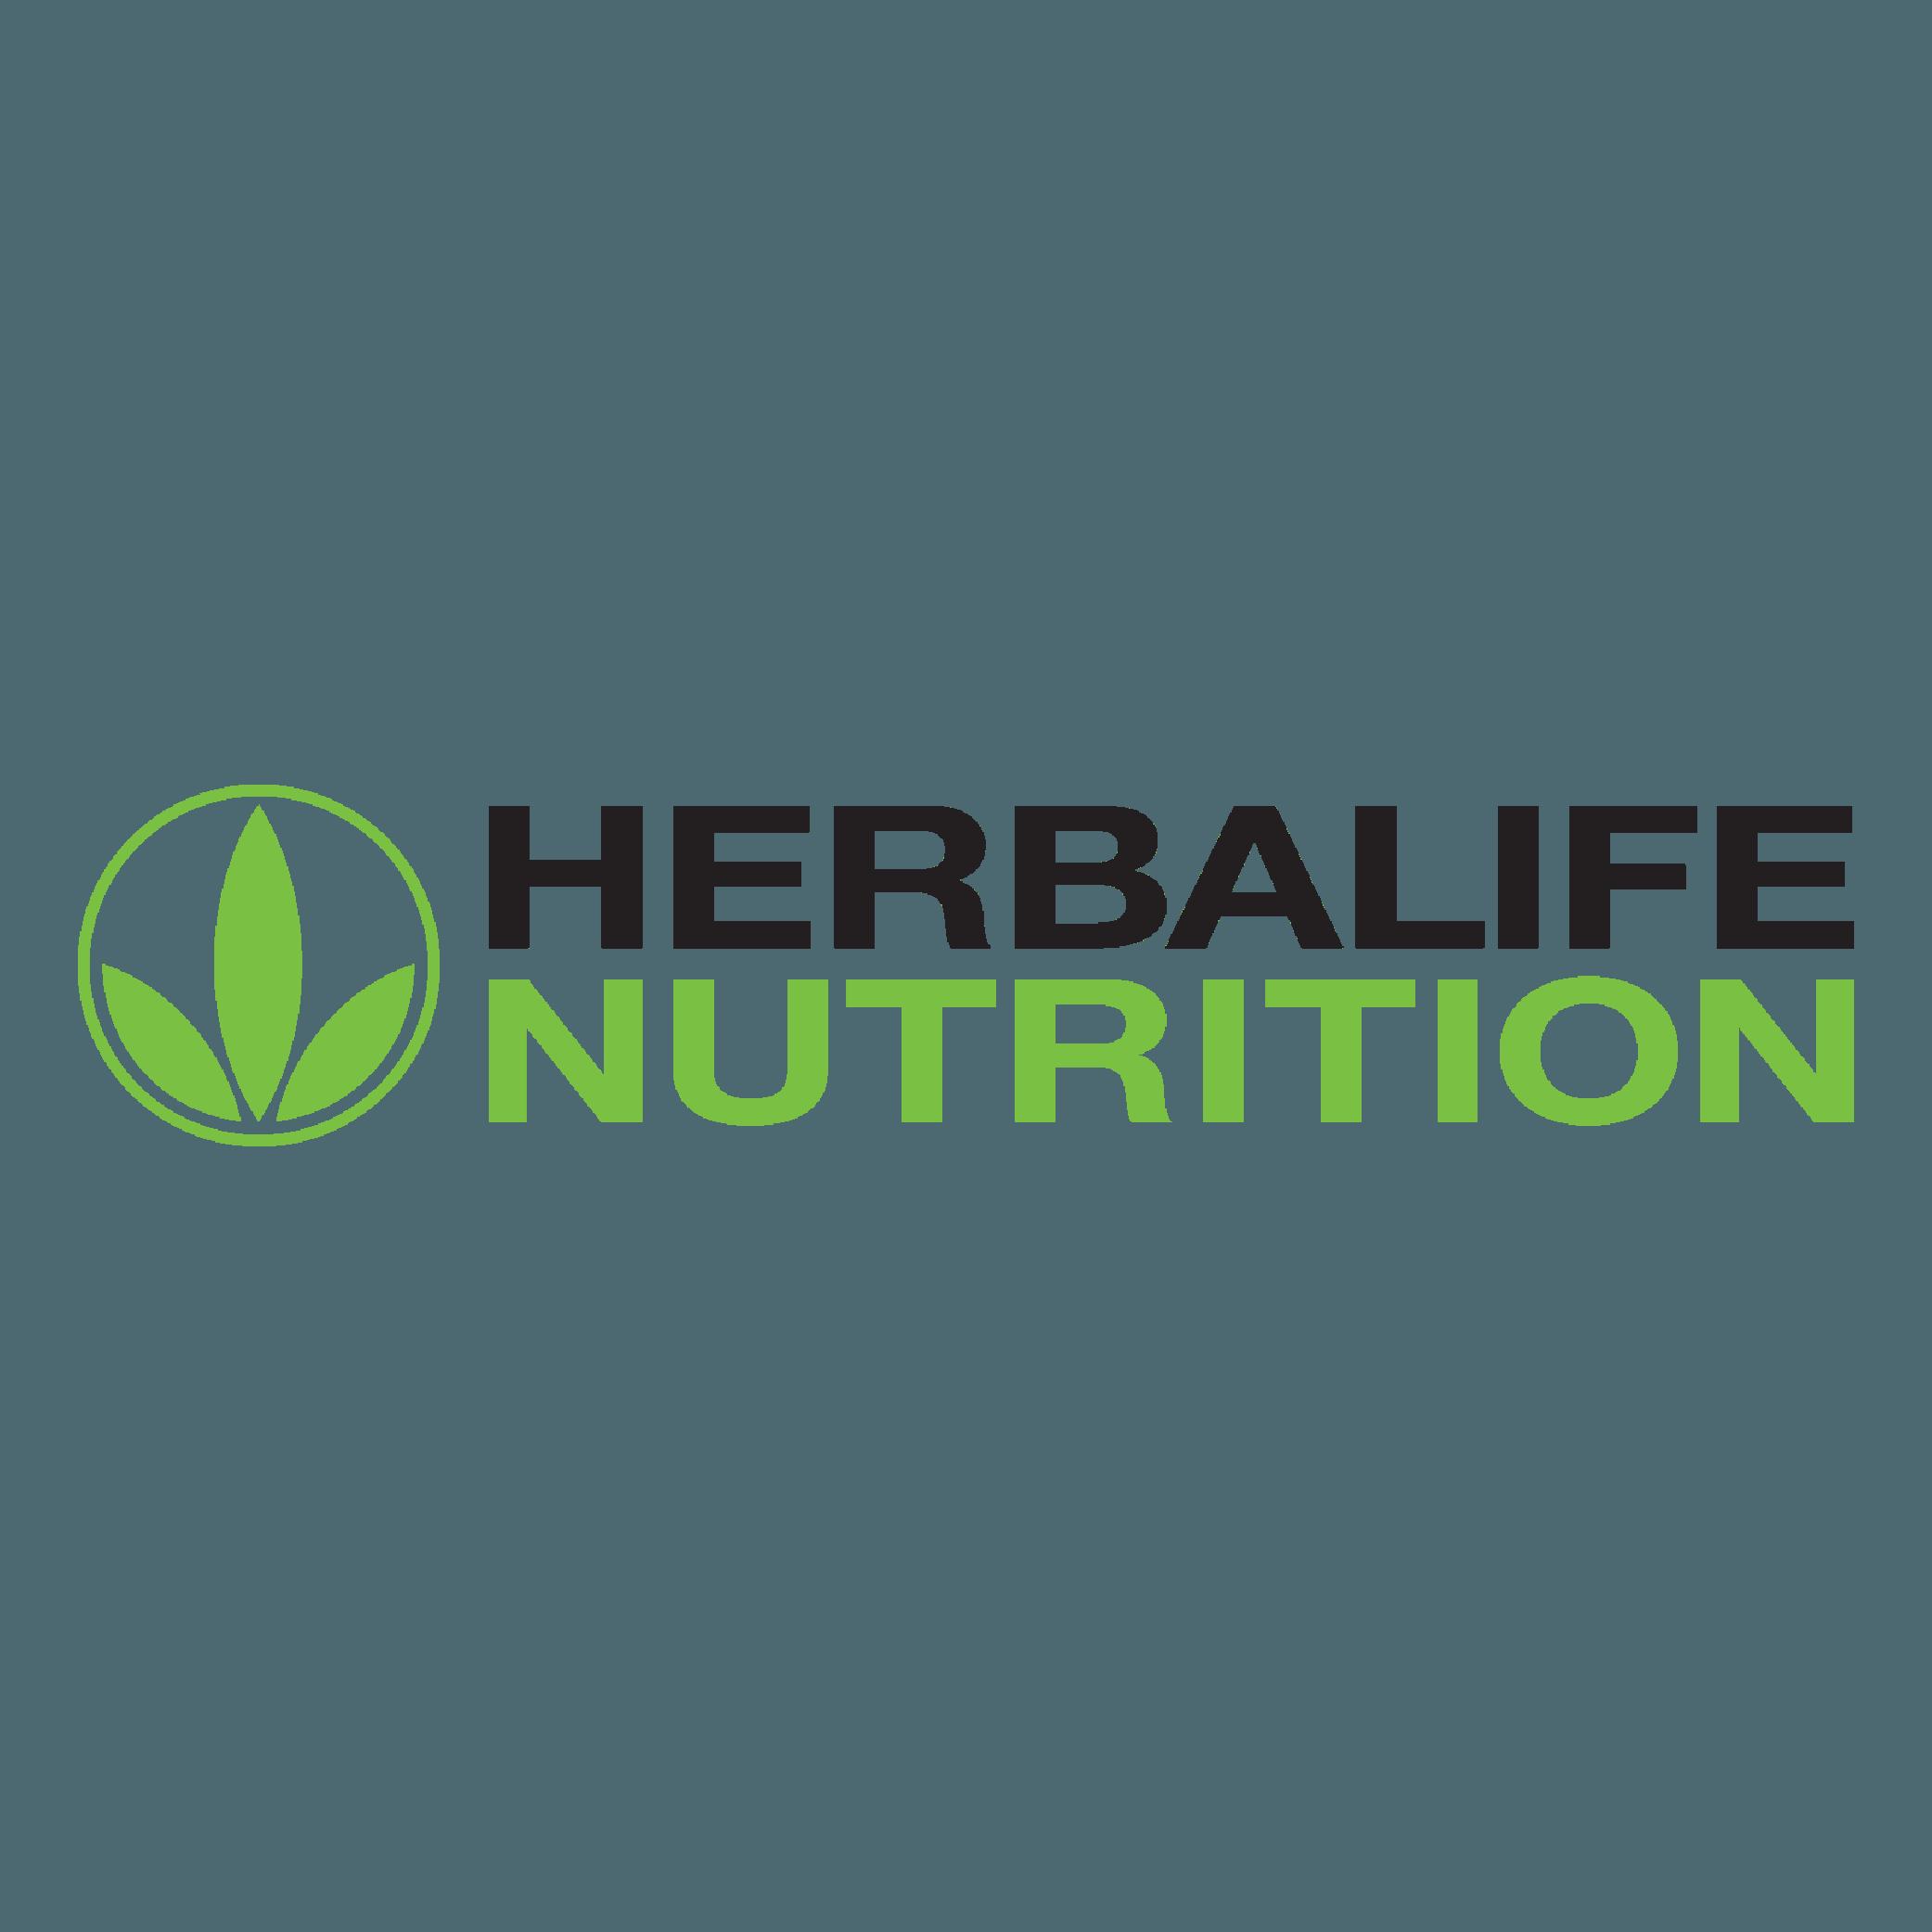 Herbalife Skin Logo Png - Herbalife Skin Logo